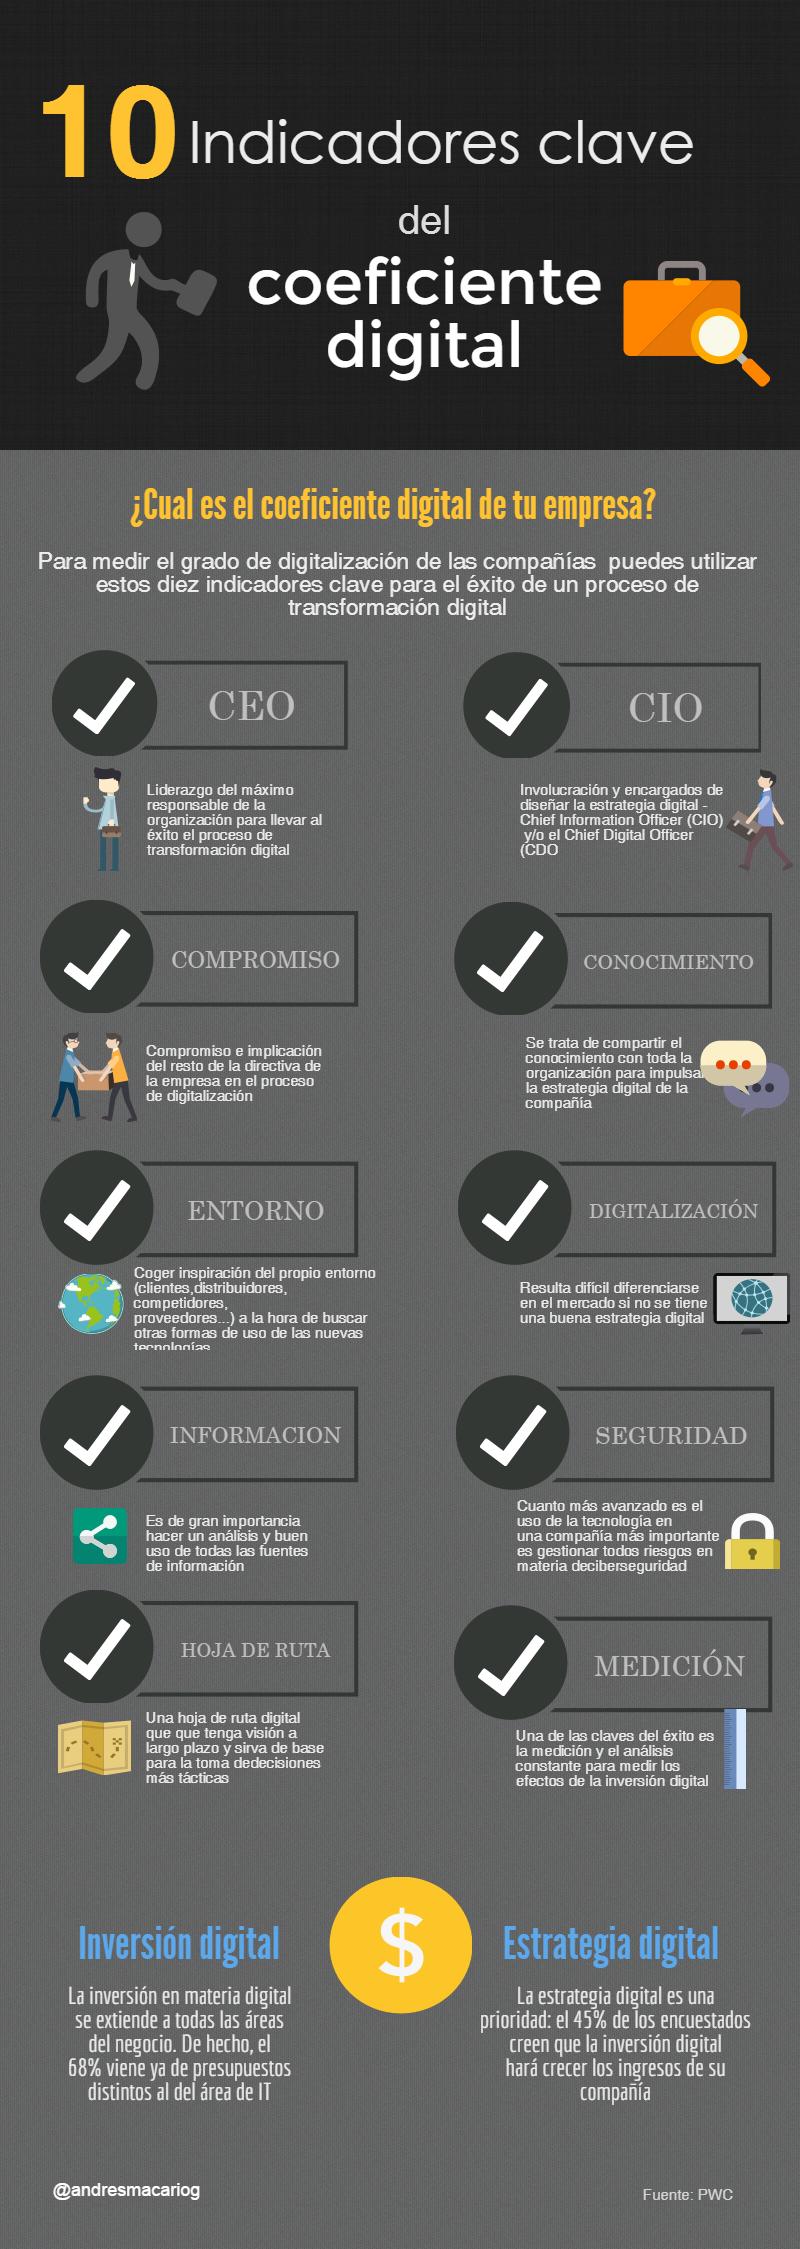 Diez indicadores clave para conocer el coeficiente digital de la empresa